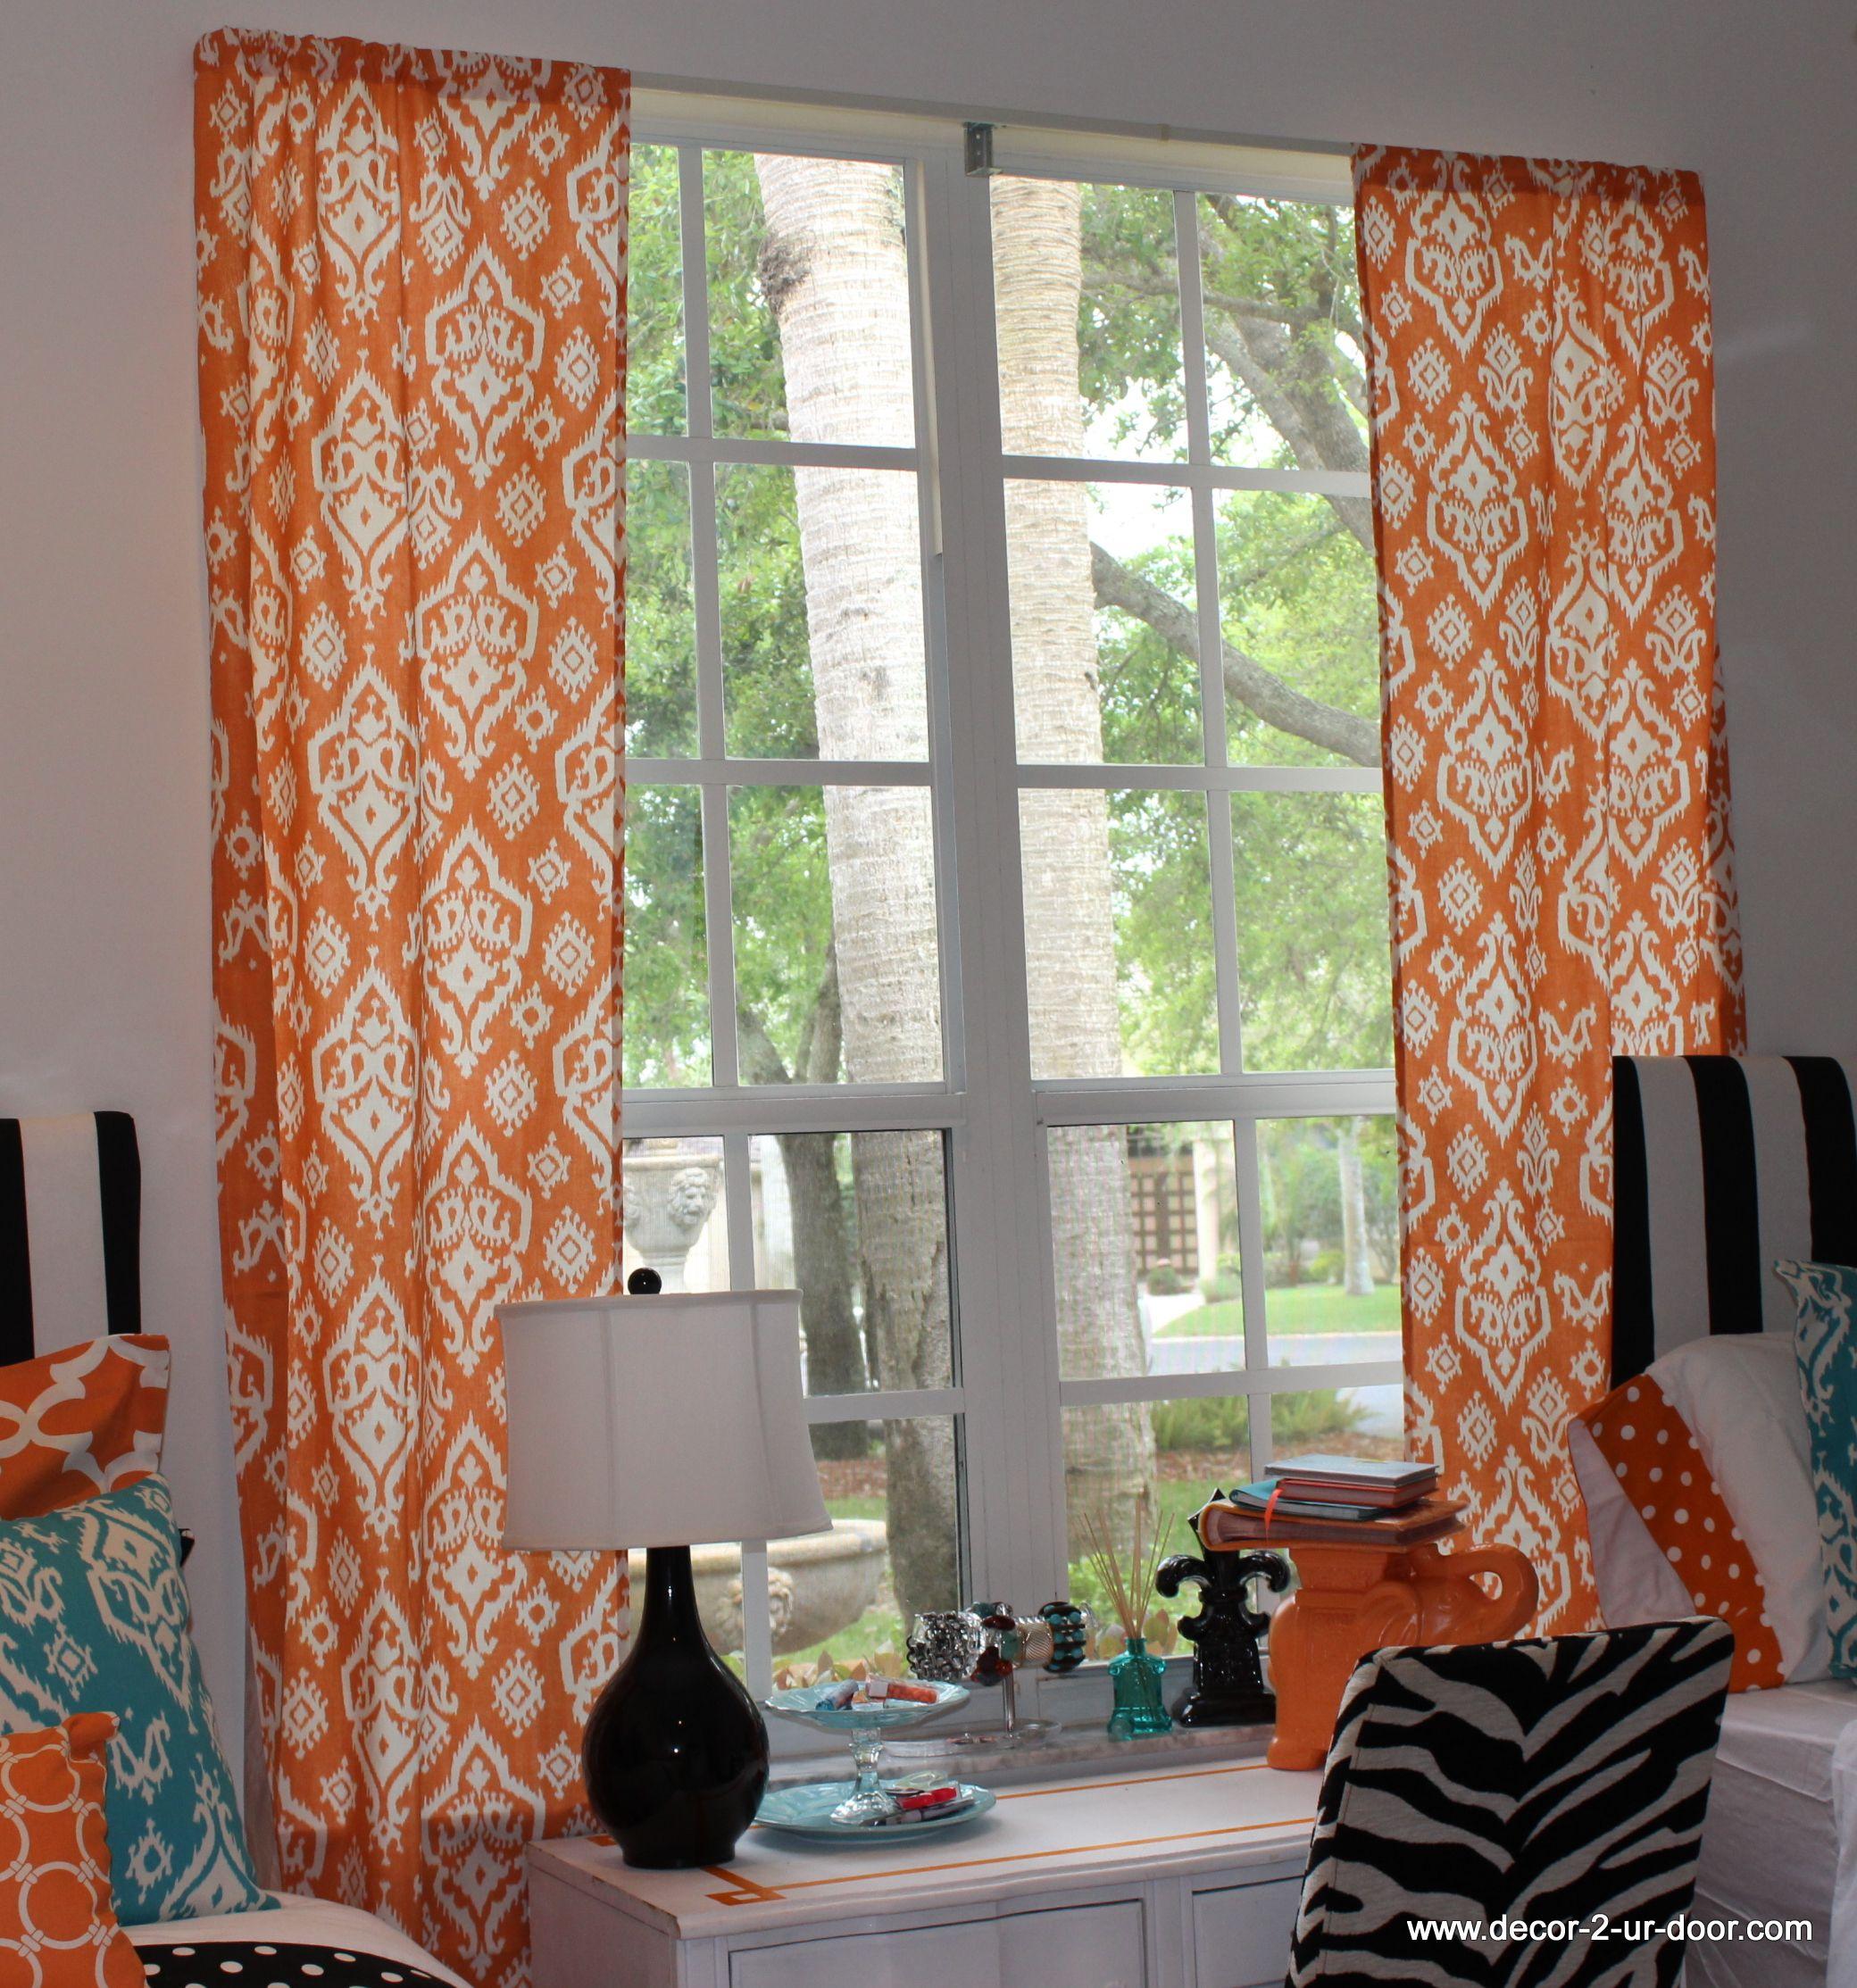 Ikat Dorm window treatment panels Jazz up those boring windows